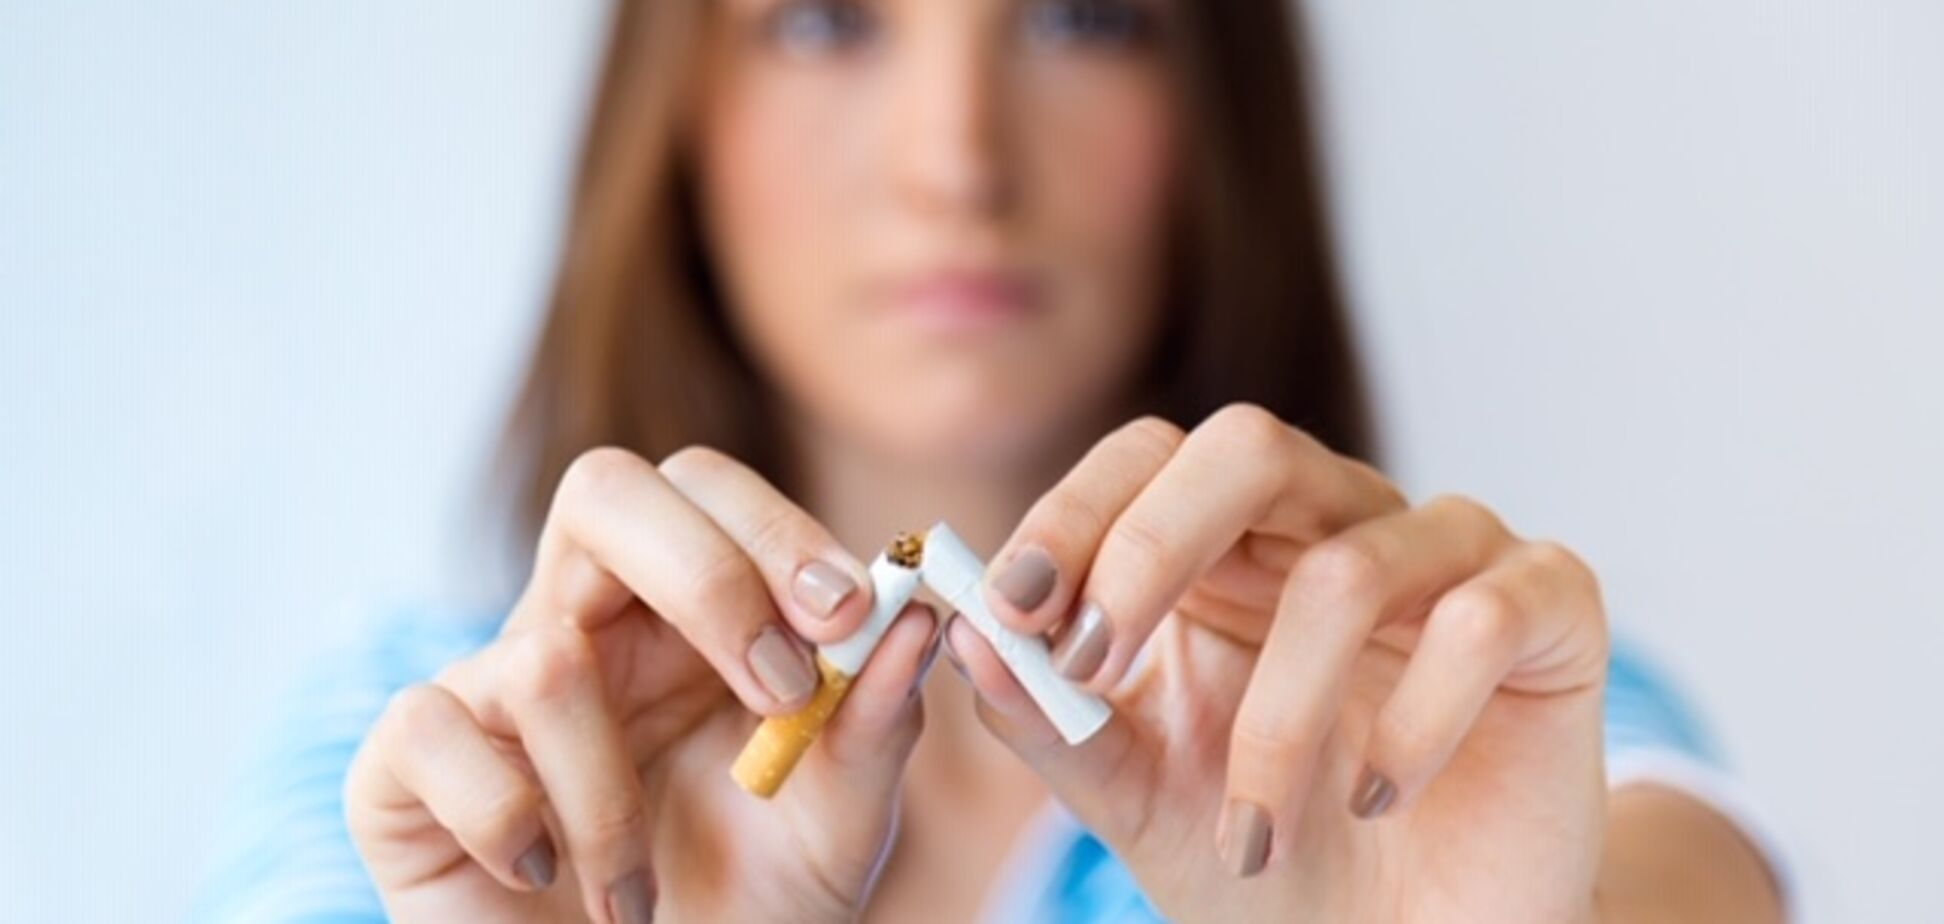 Эпидемия курения в Украине: названы методы борьбы от ВОЗ